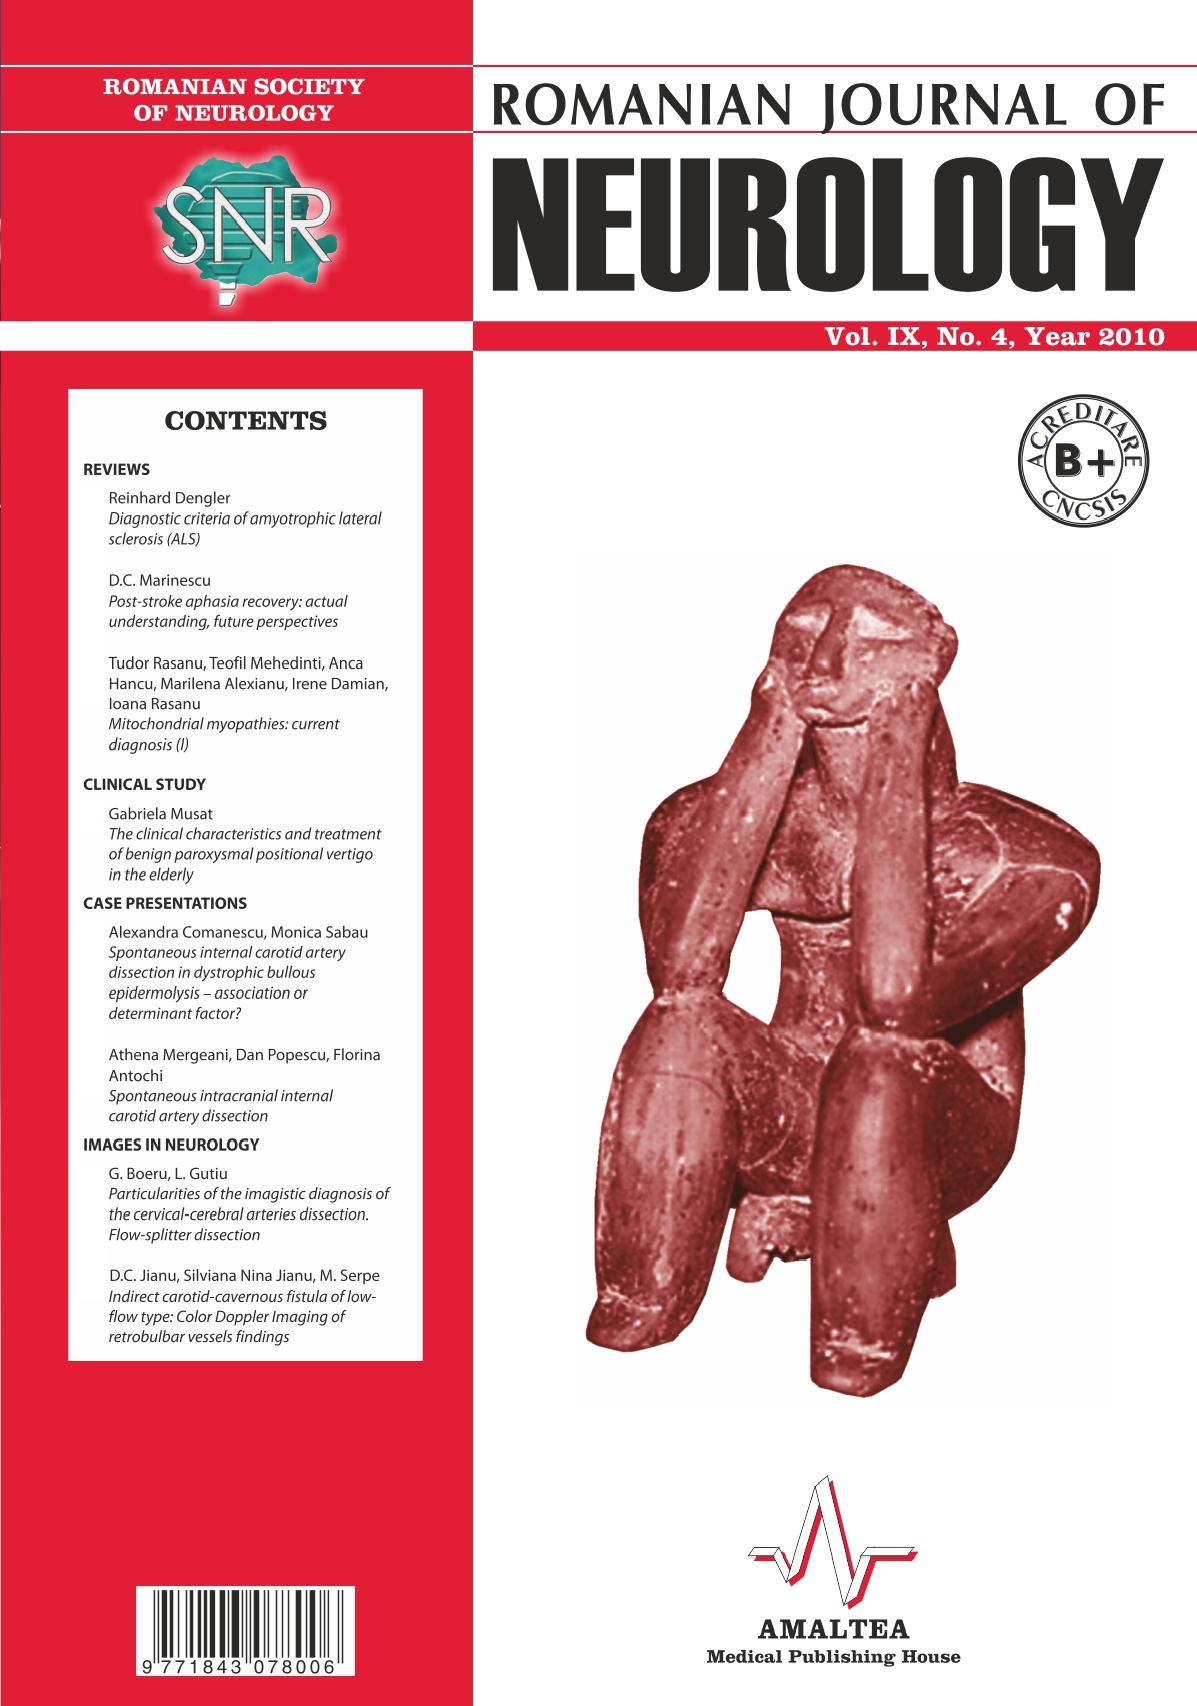 Romanian Journal of Neurology, Volume IX, No. 4, 2010